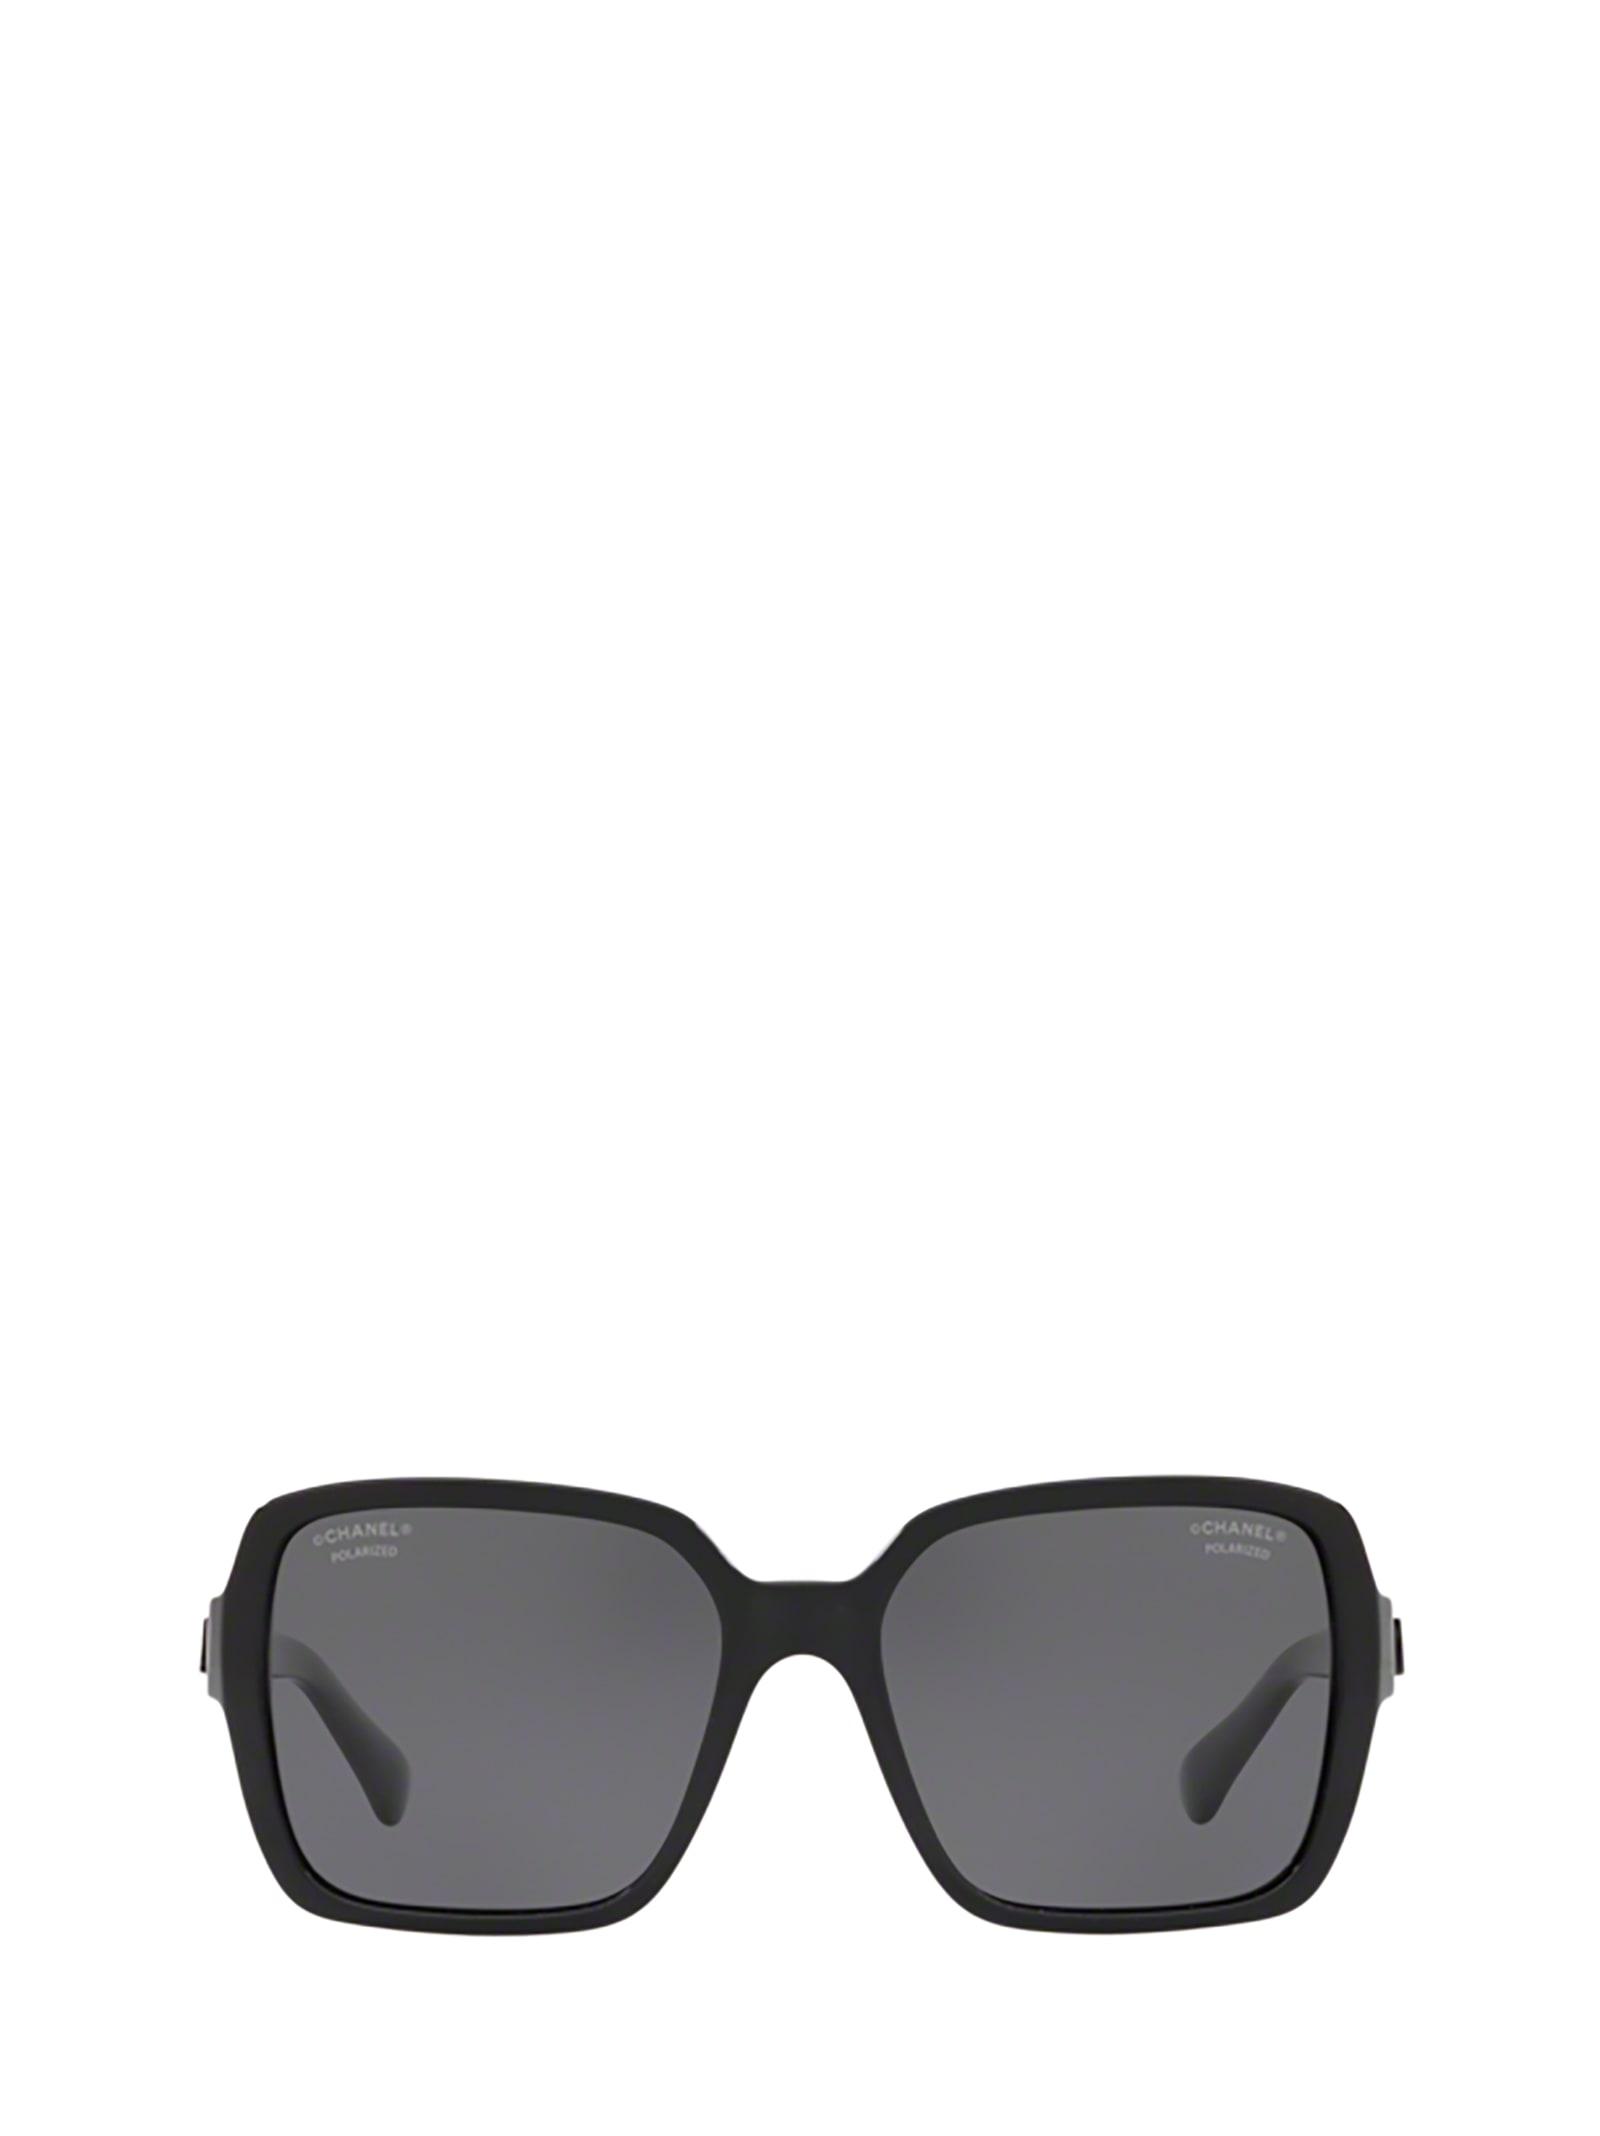 Chanel Chanel Ch5408 Black Sunglasses